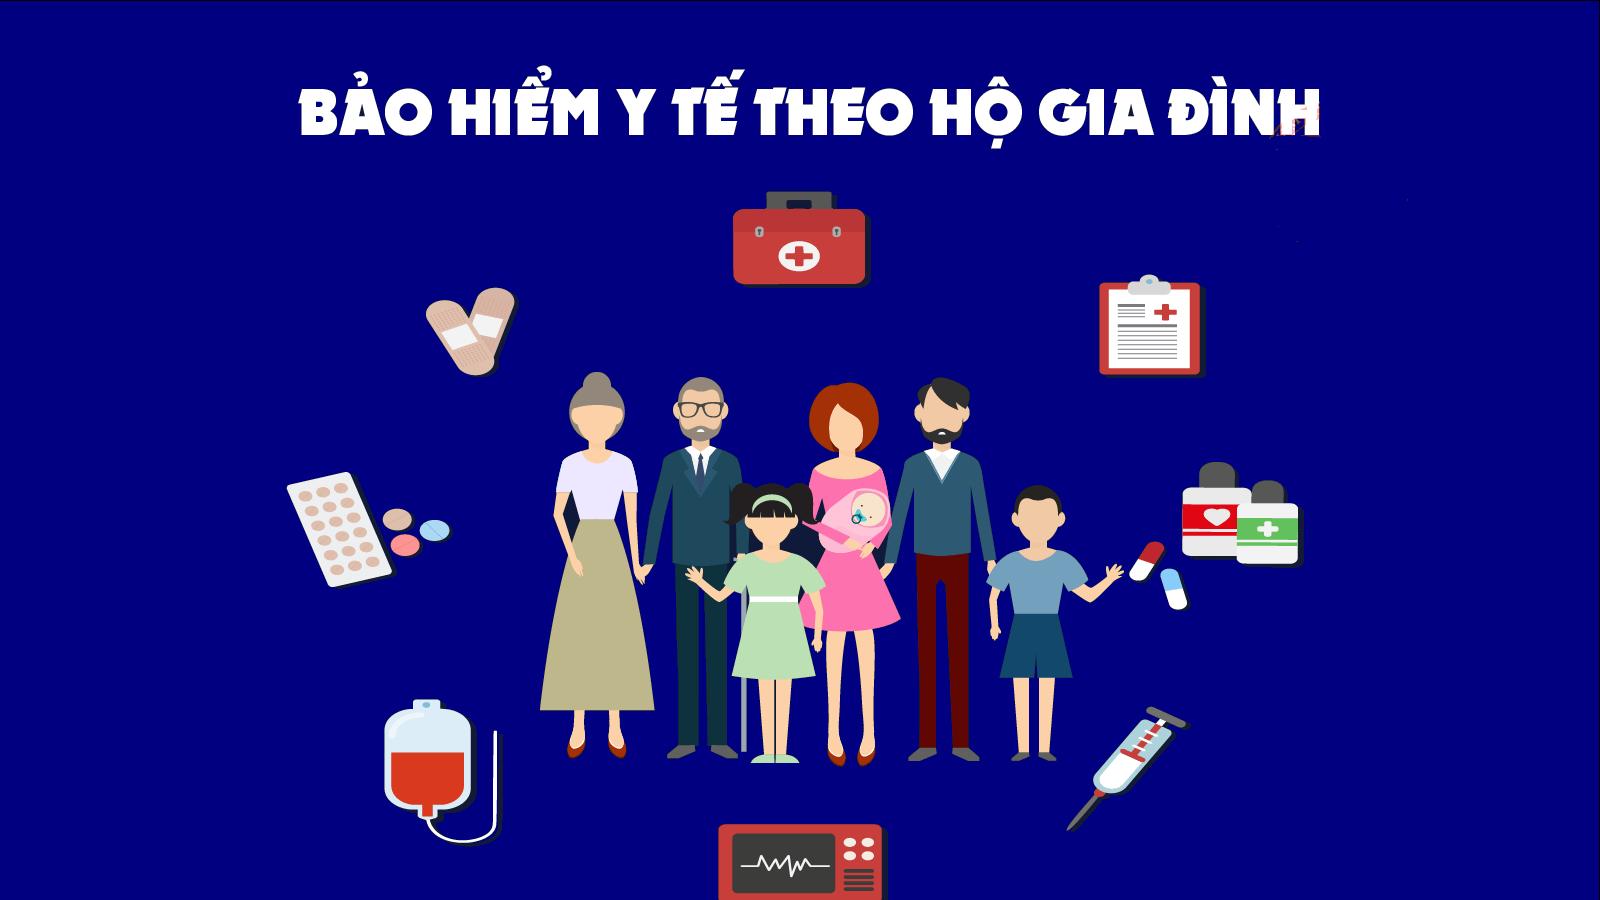 Tìm hiểu chi tiết về bảo hiểm y tế